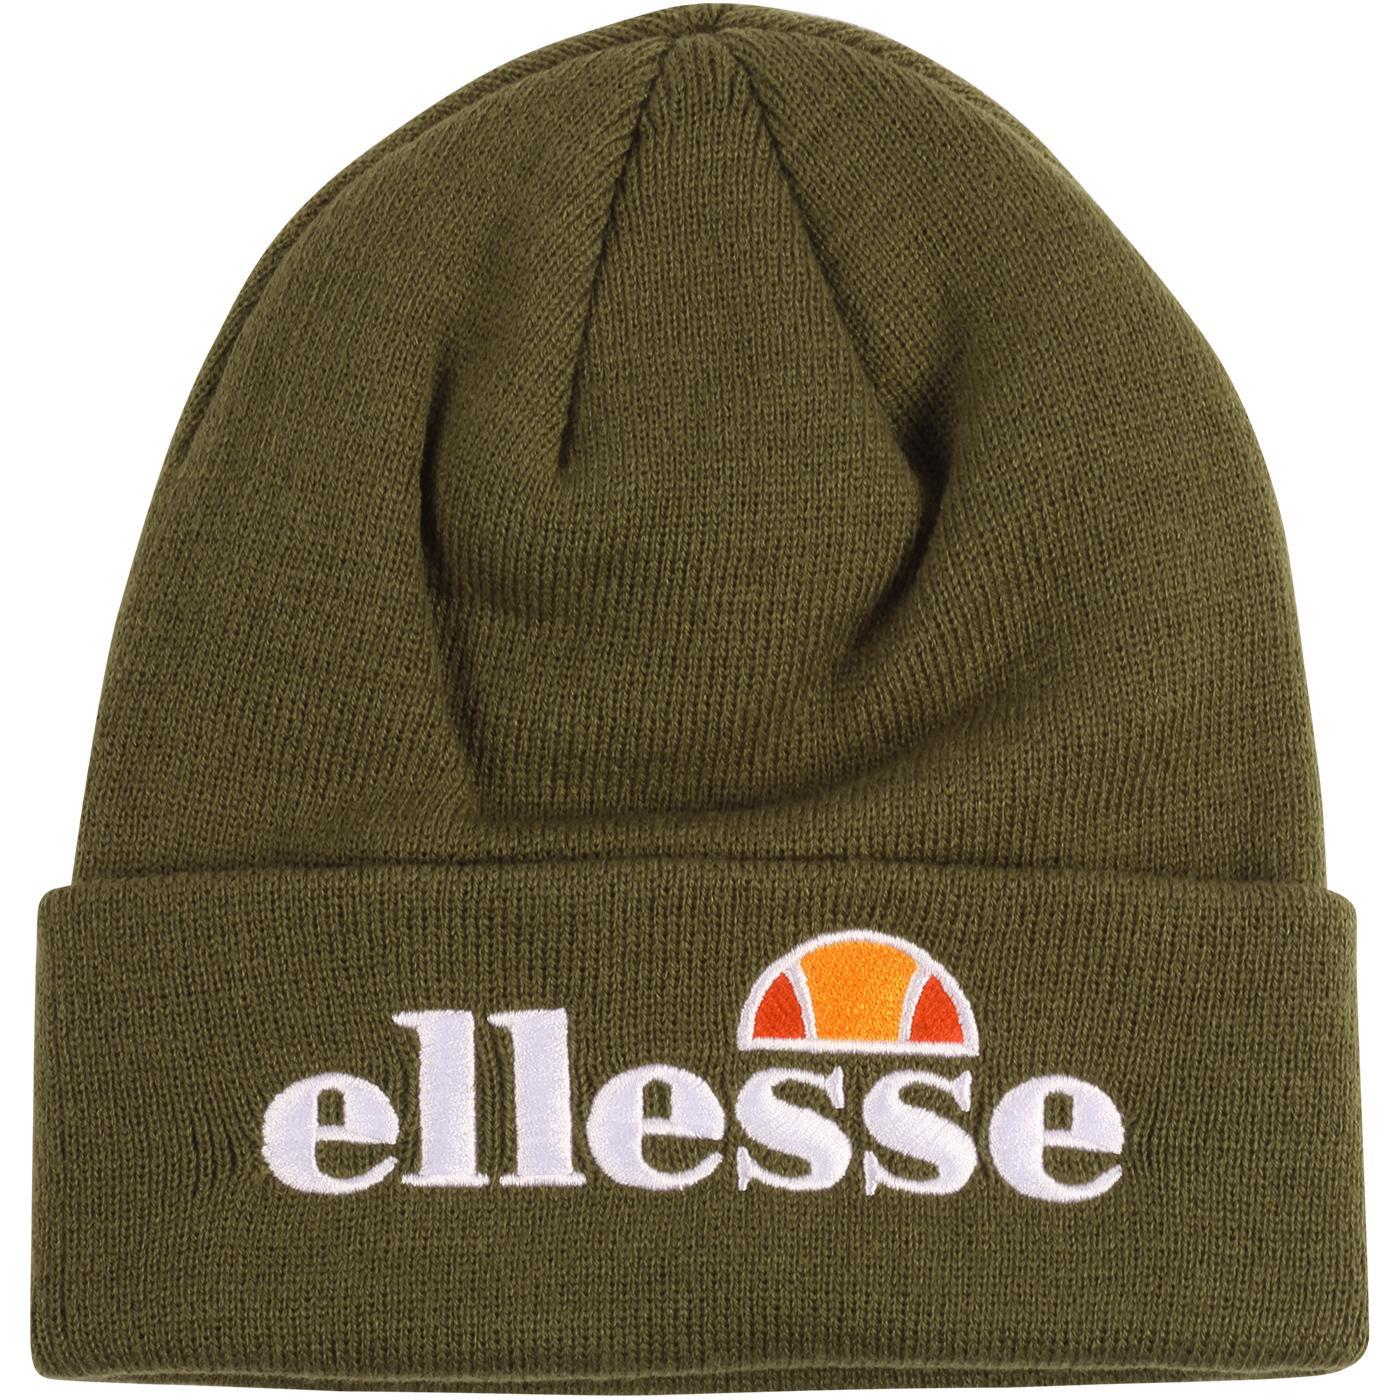 Velly ELLESSE Retro 80s Knitted Logo Beanie Hat K